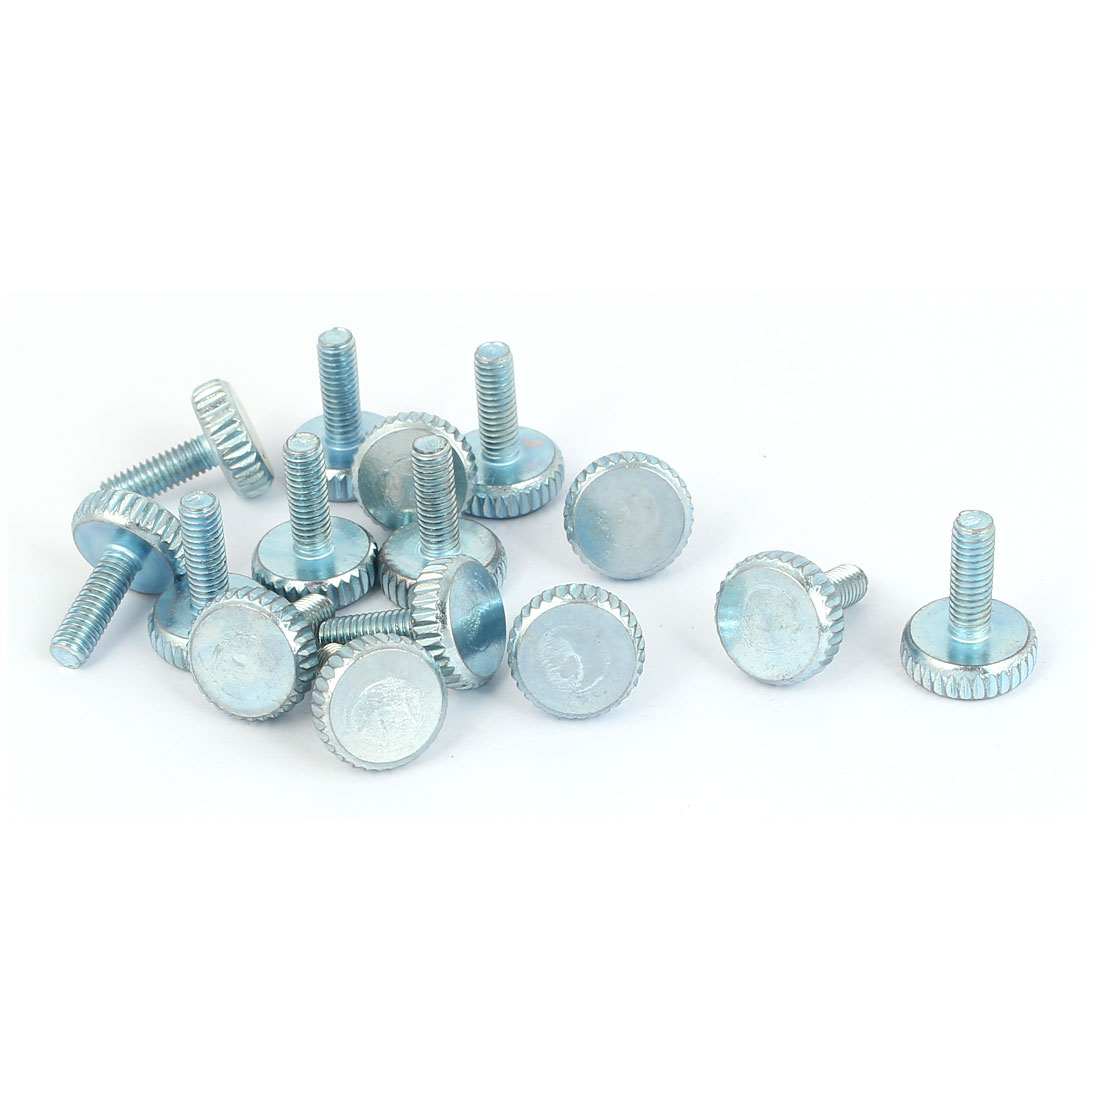 M4x12mm Thread Carbon Steel Knurled Round Head Thumb Screws Silver Blue 15pcs